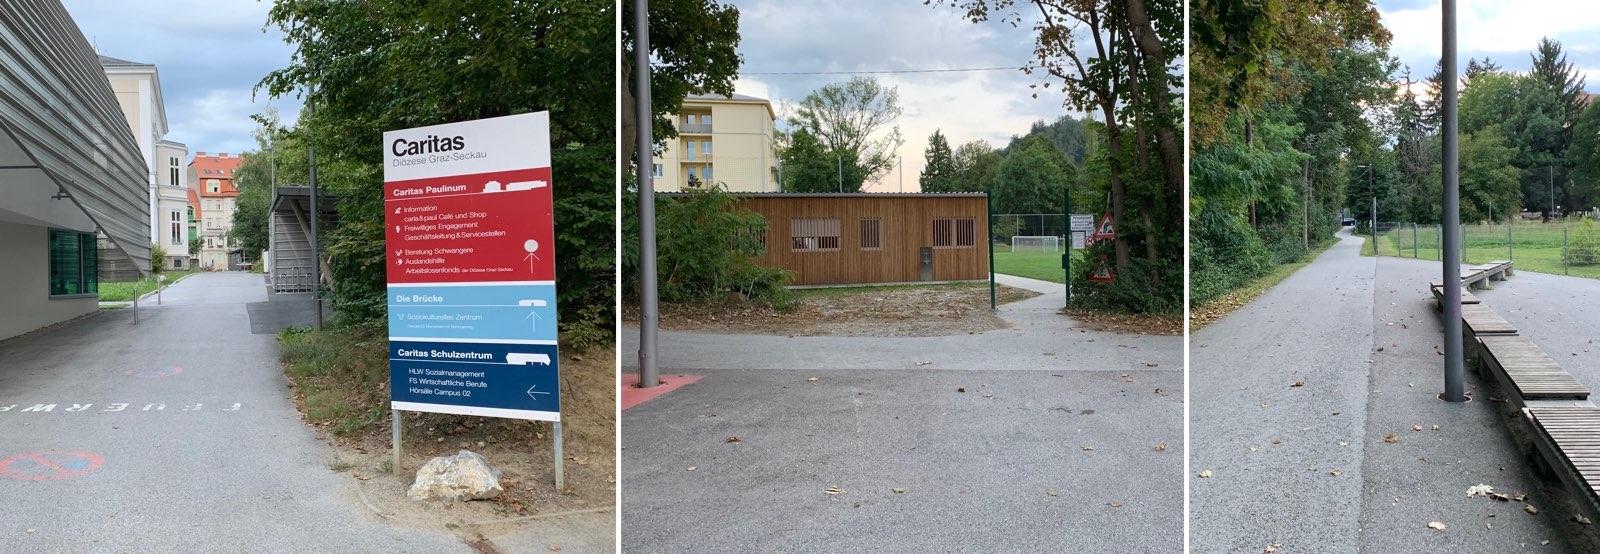 Zugang zu Krav Maga im Augustinum über Hasnerplatz oder Grabenstraße (Zugang C)